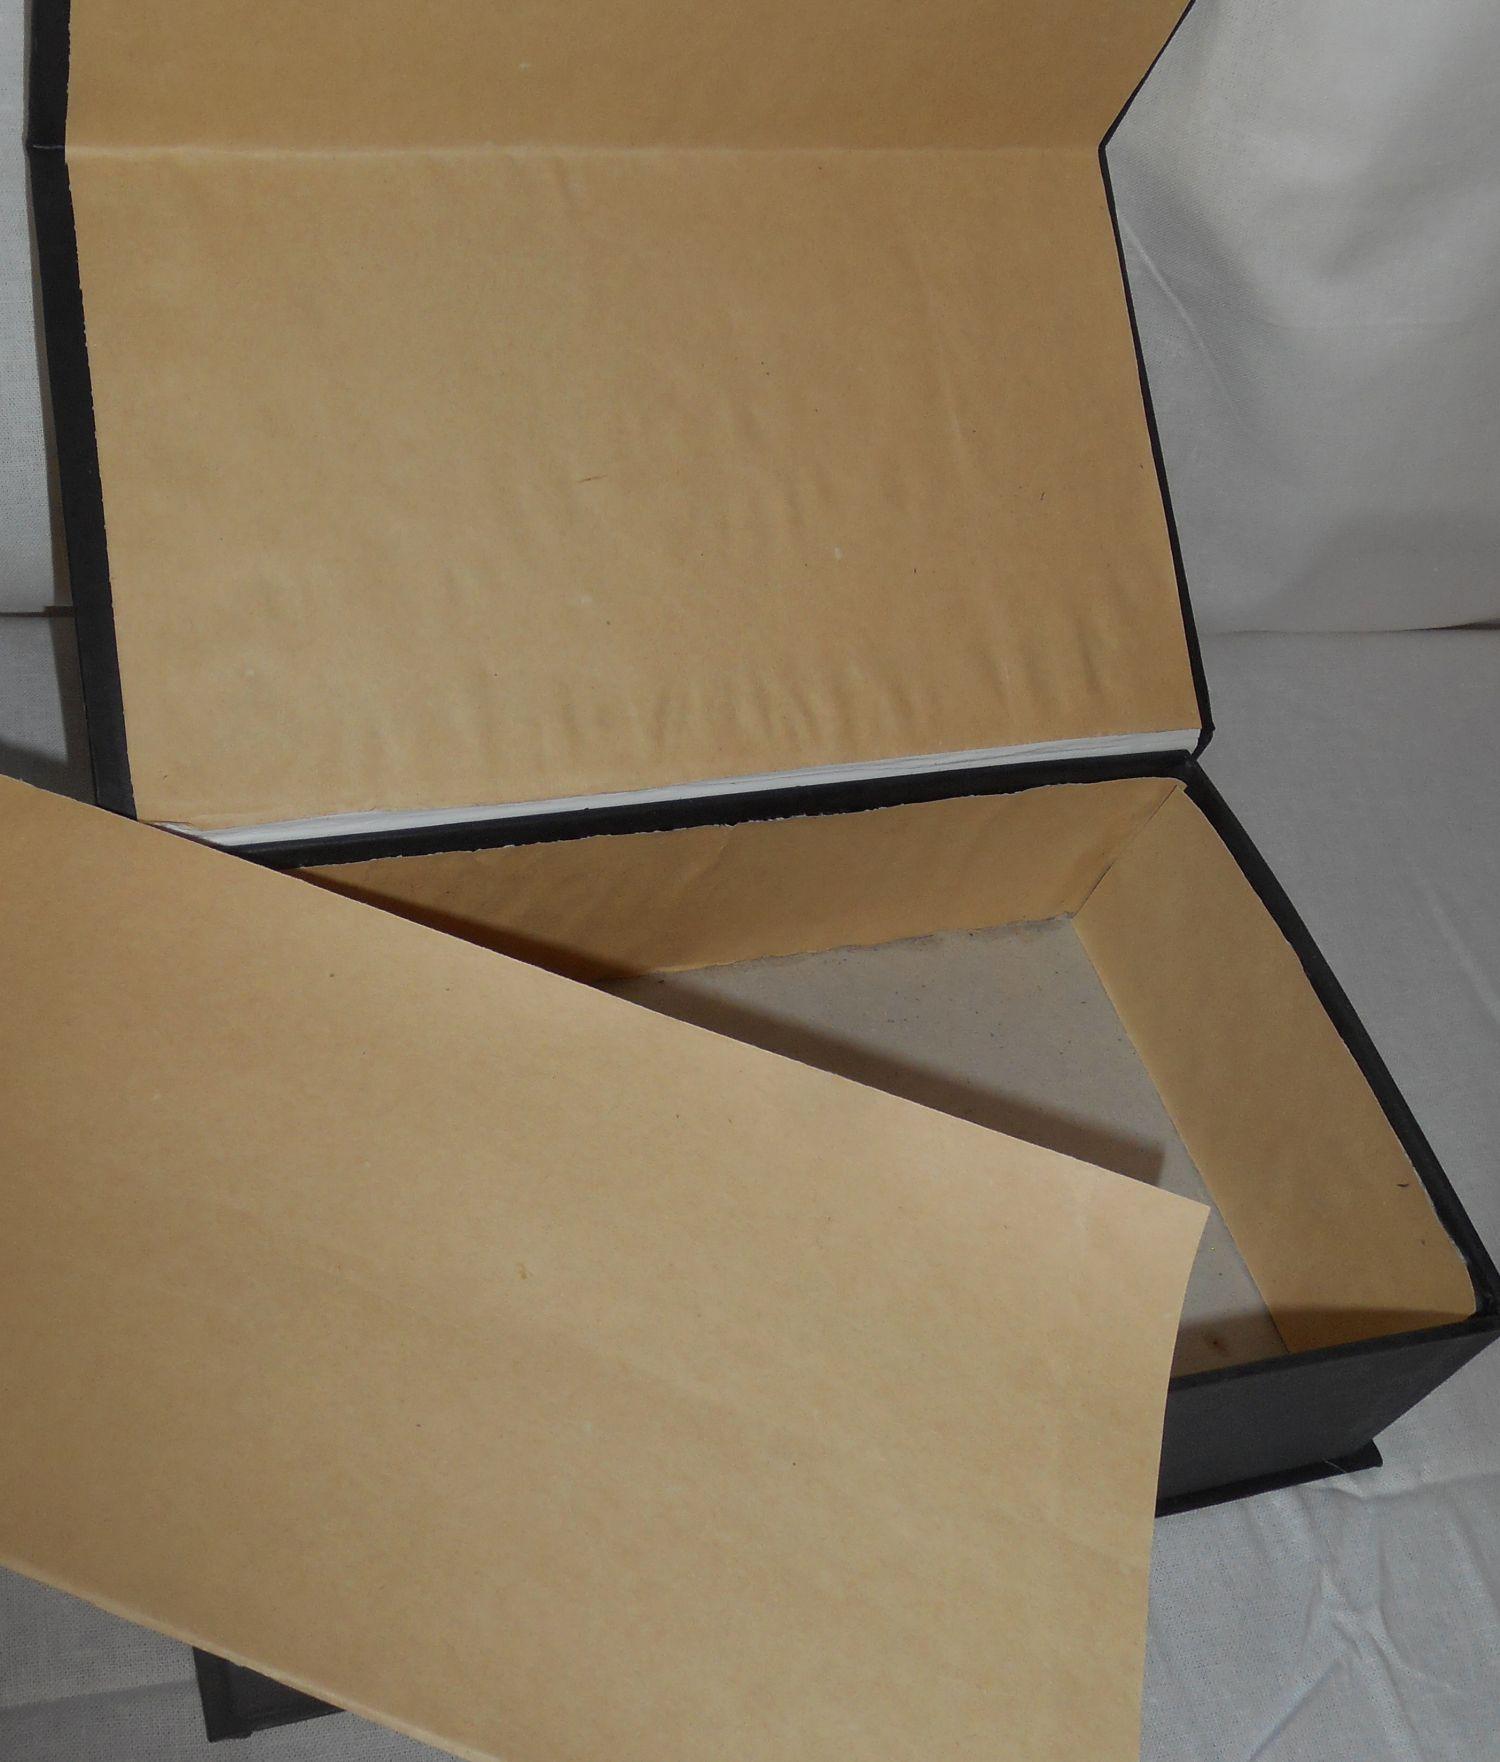 Как из коробки сделать шкатулку фото 911